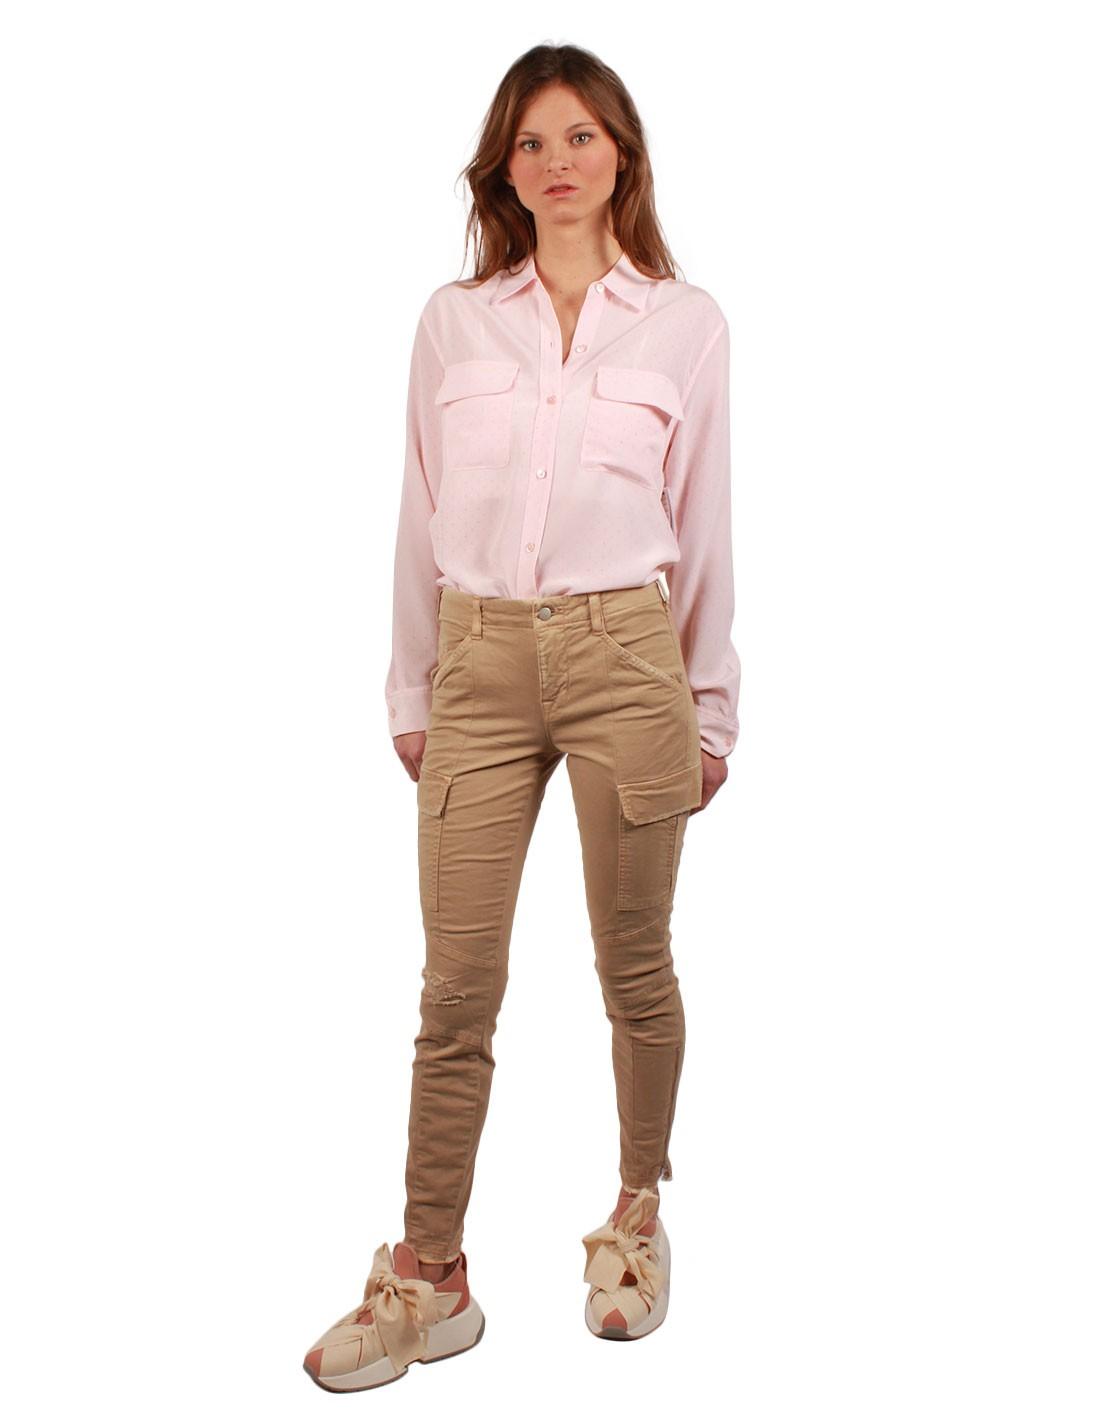 pas cher pour réduction 7b37a 204e8 Pantalon cargo Skinny Beige J BRAND pour Femme Collection Printemps-Eté 2019